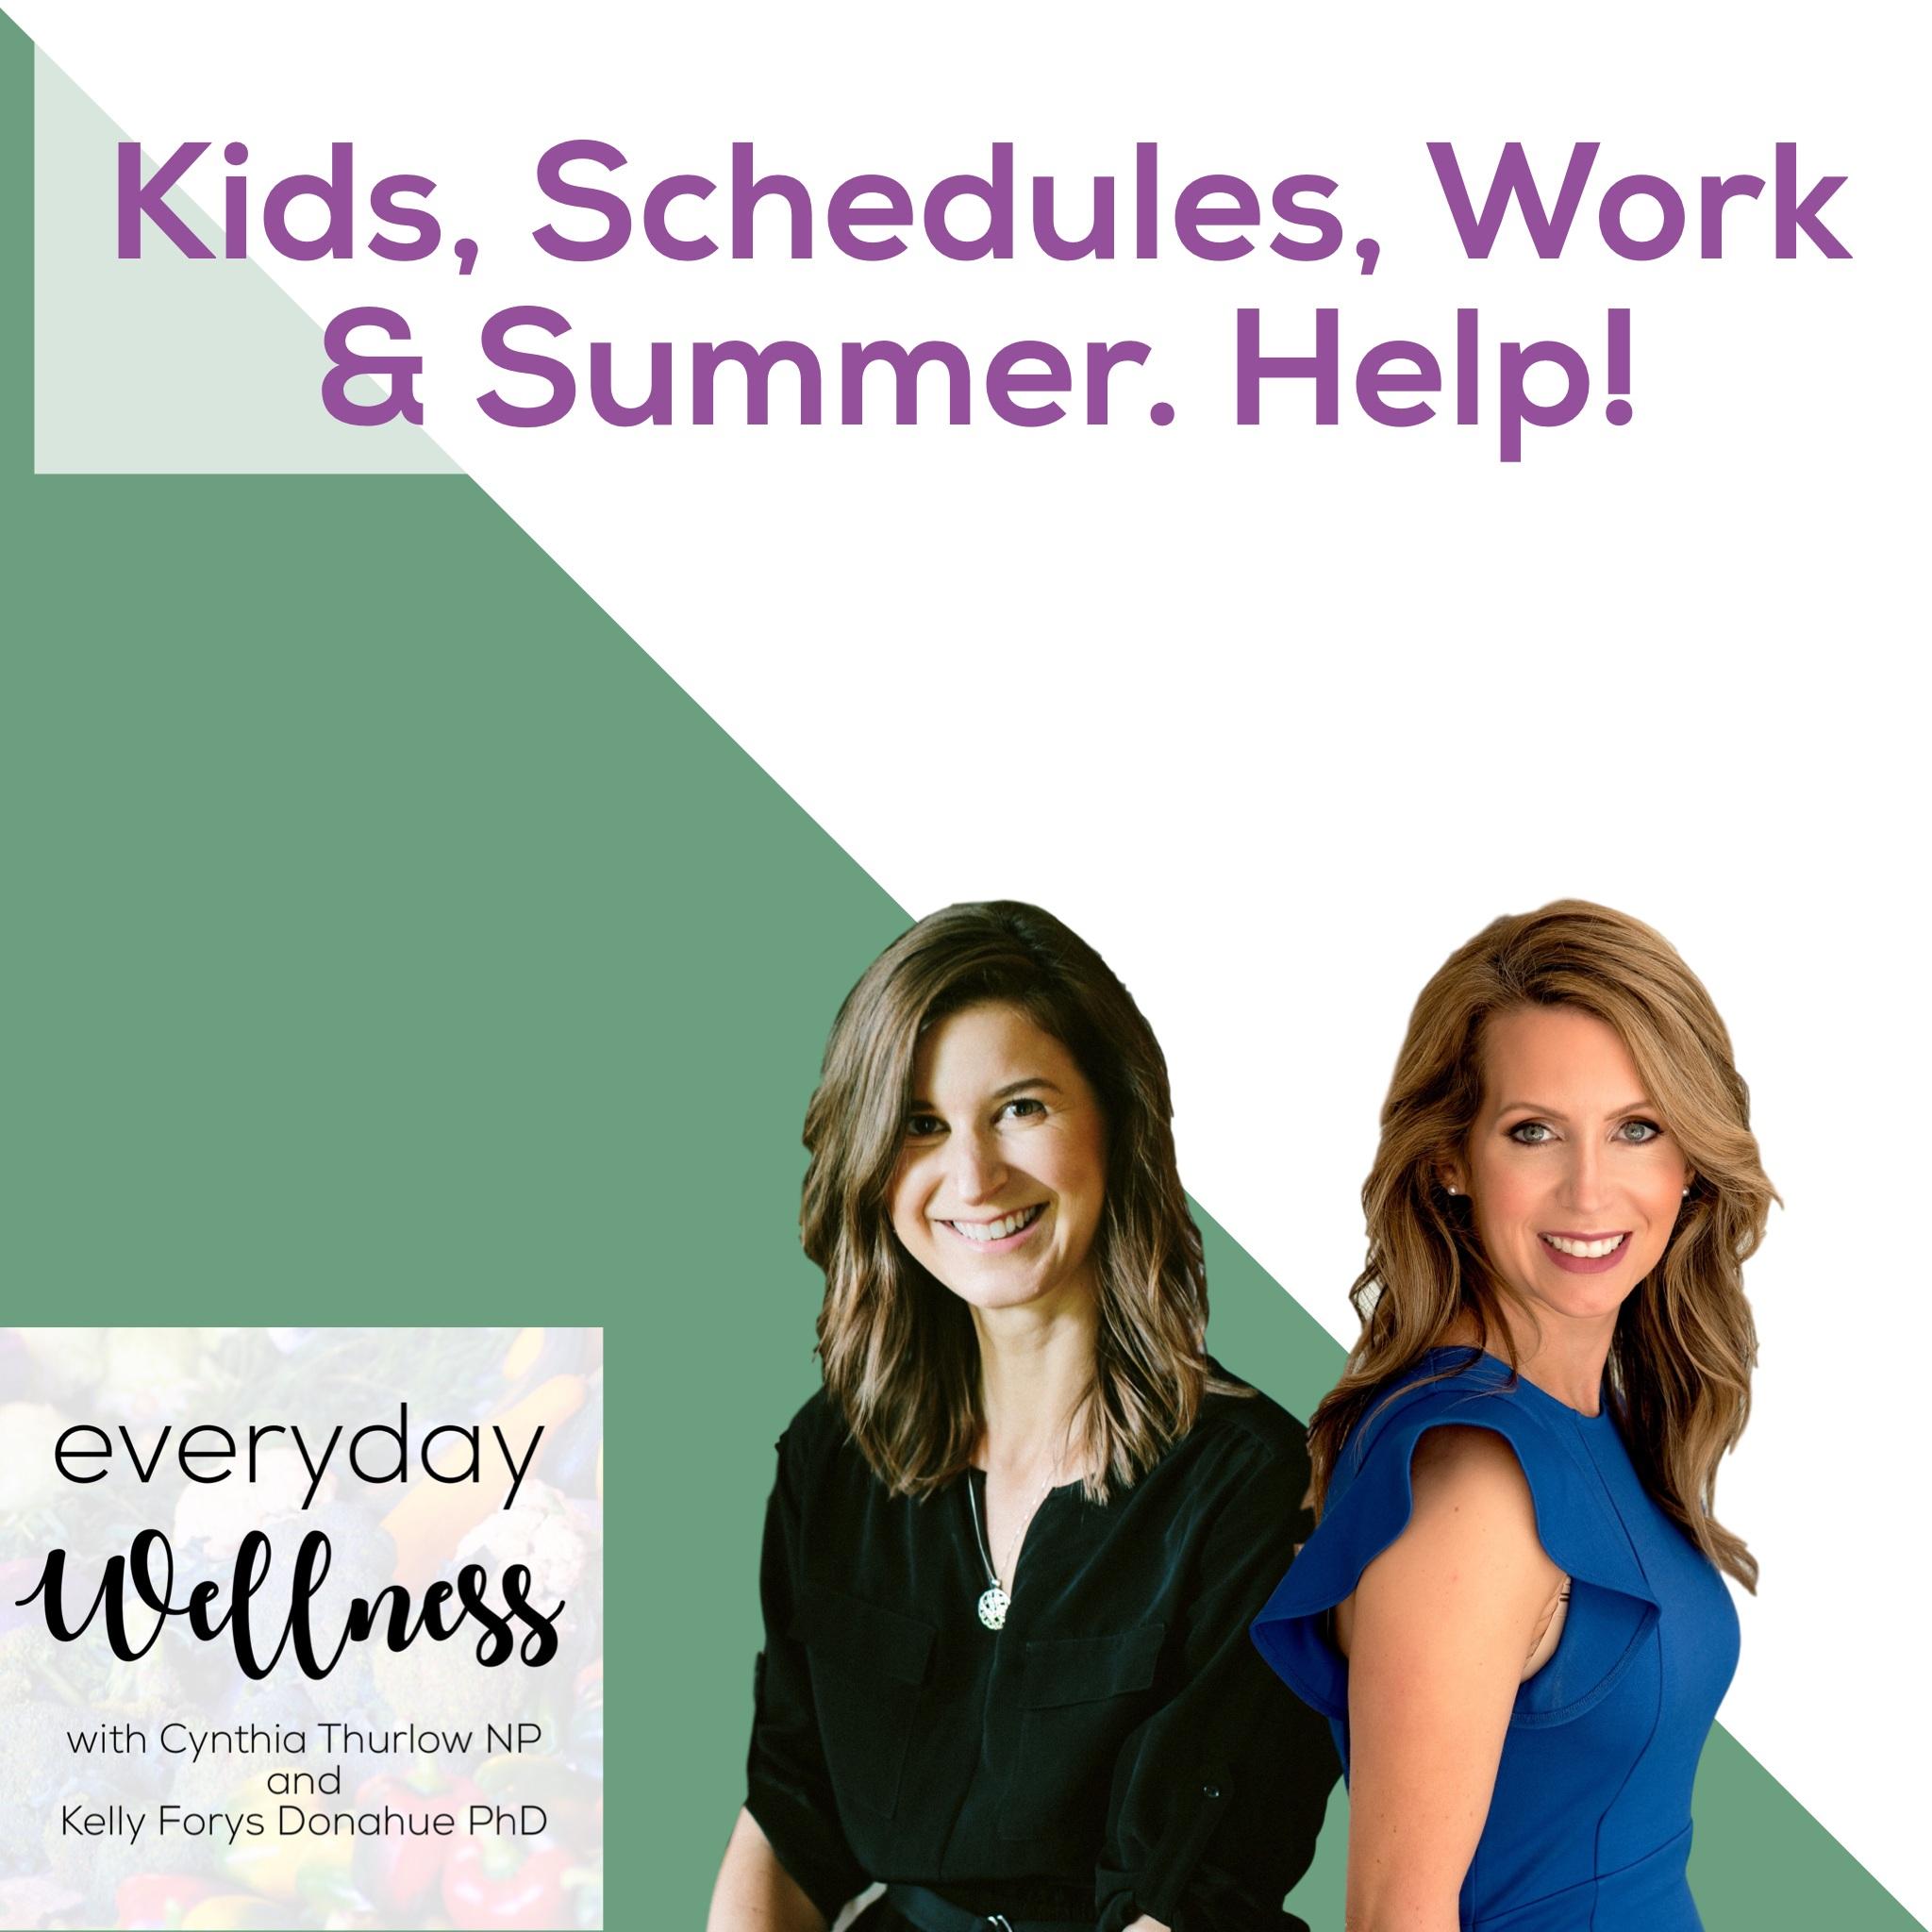 Kids, Schedules, Work and Summer